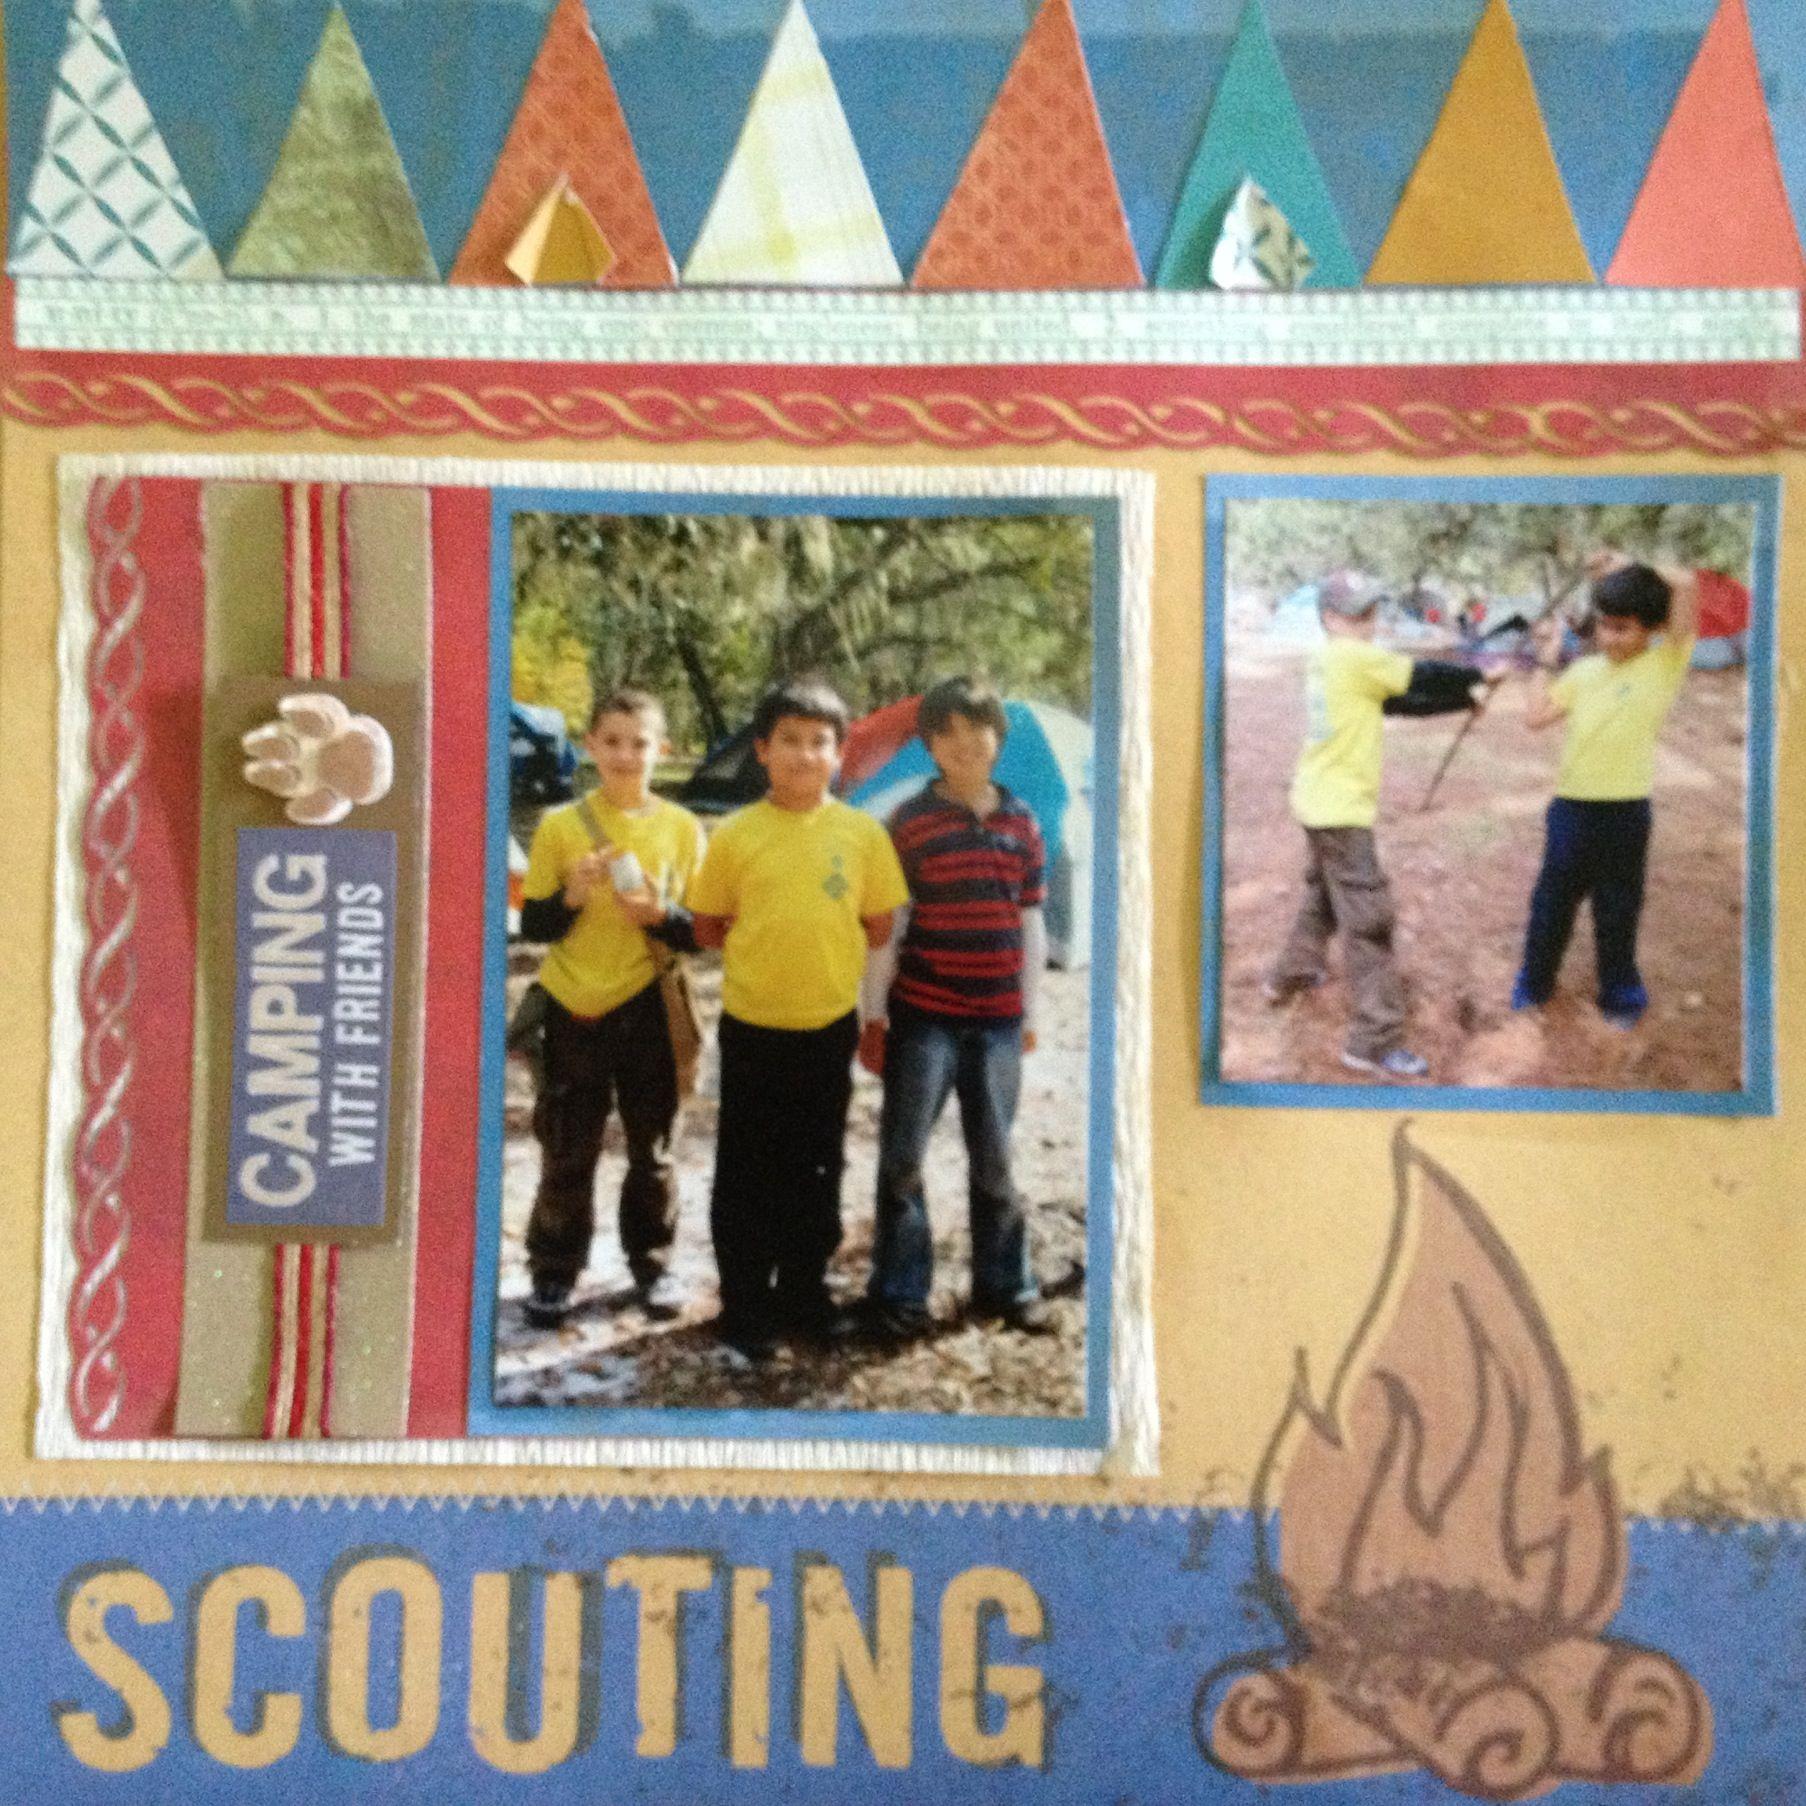 scout friend